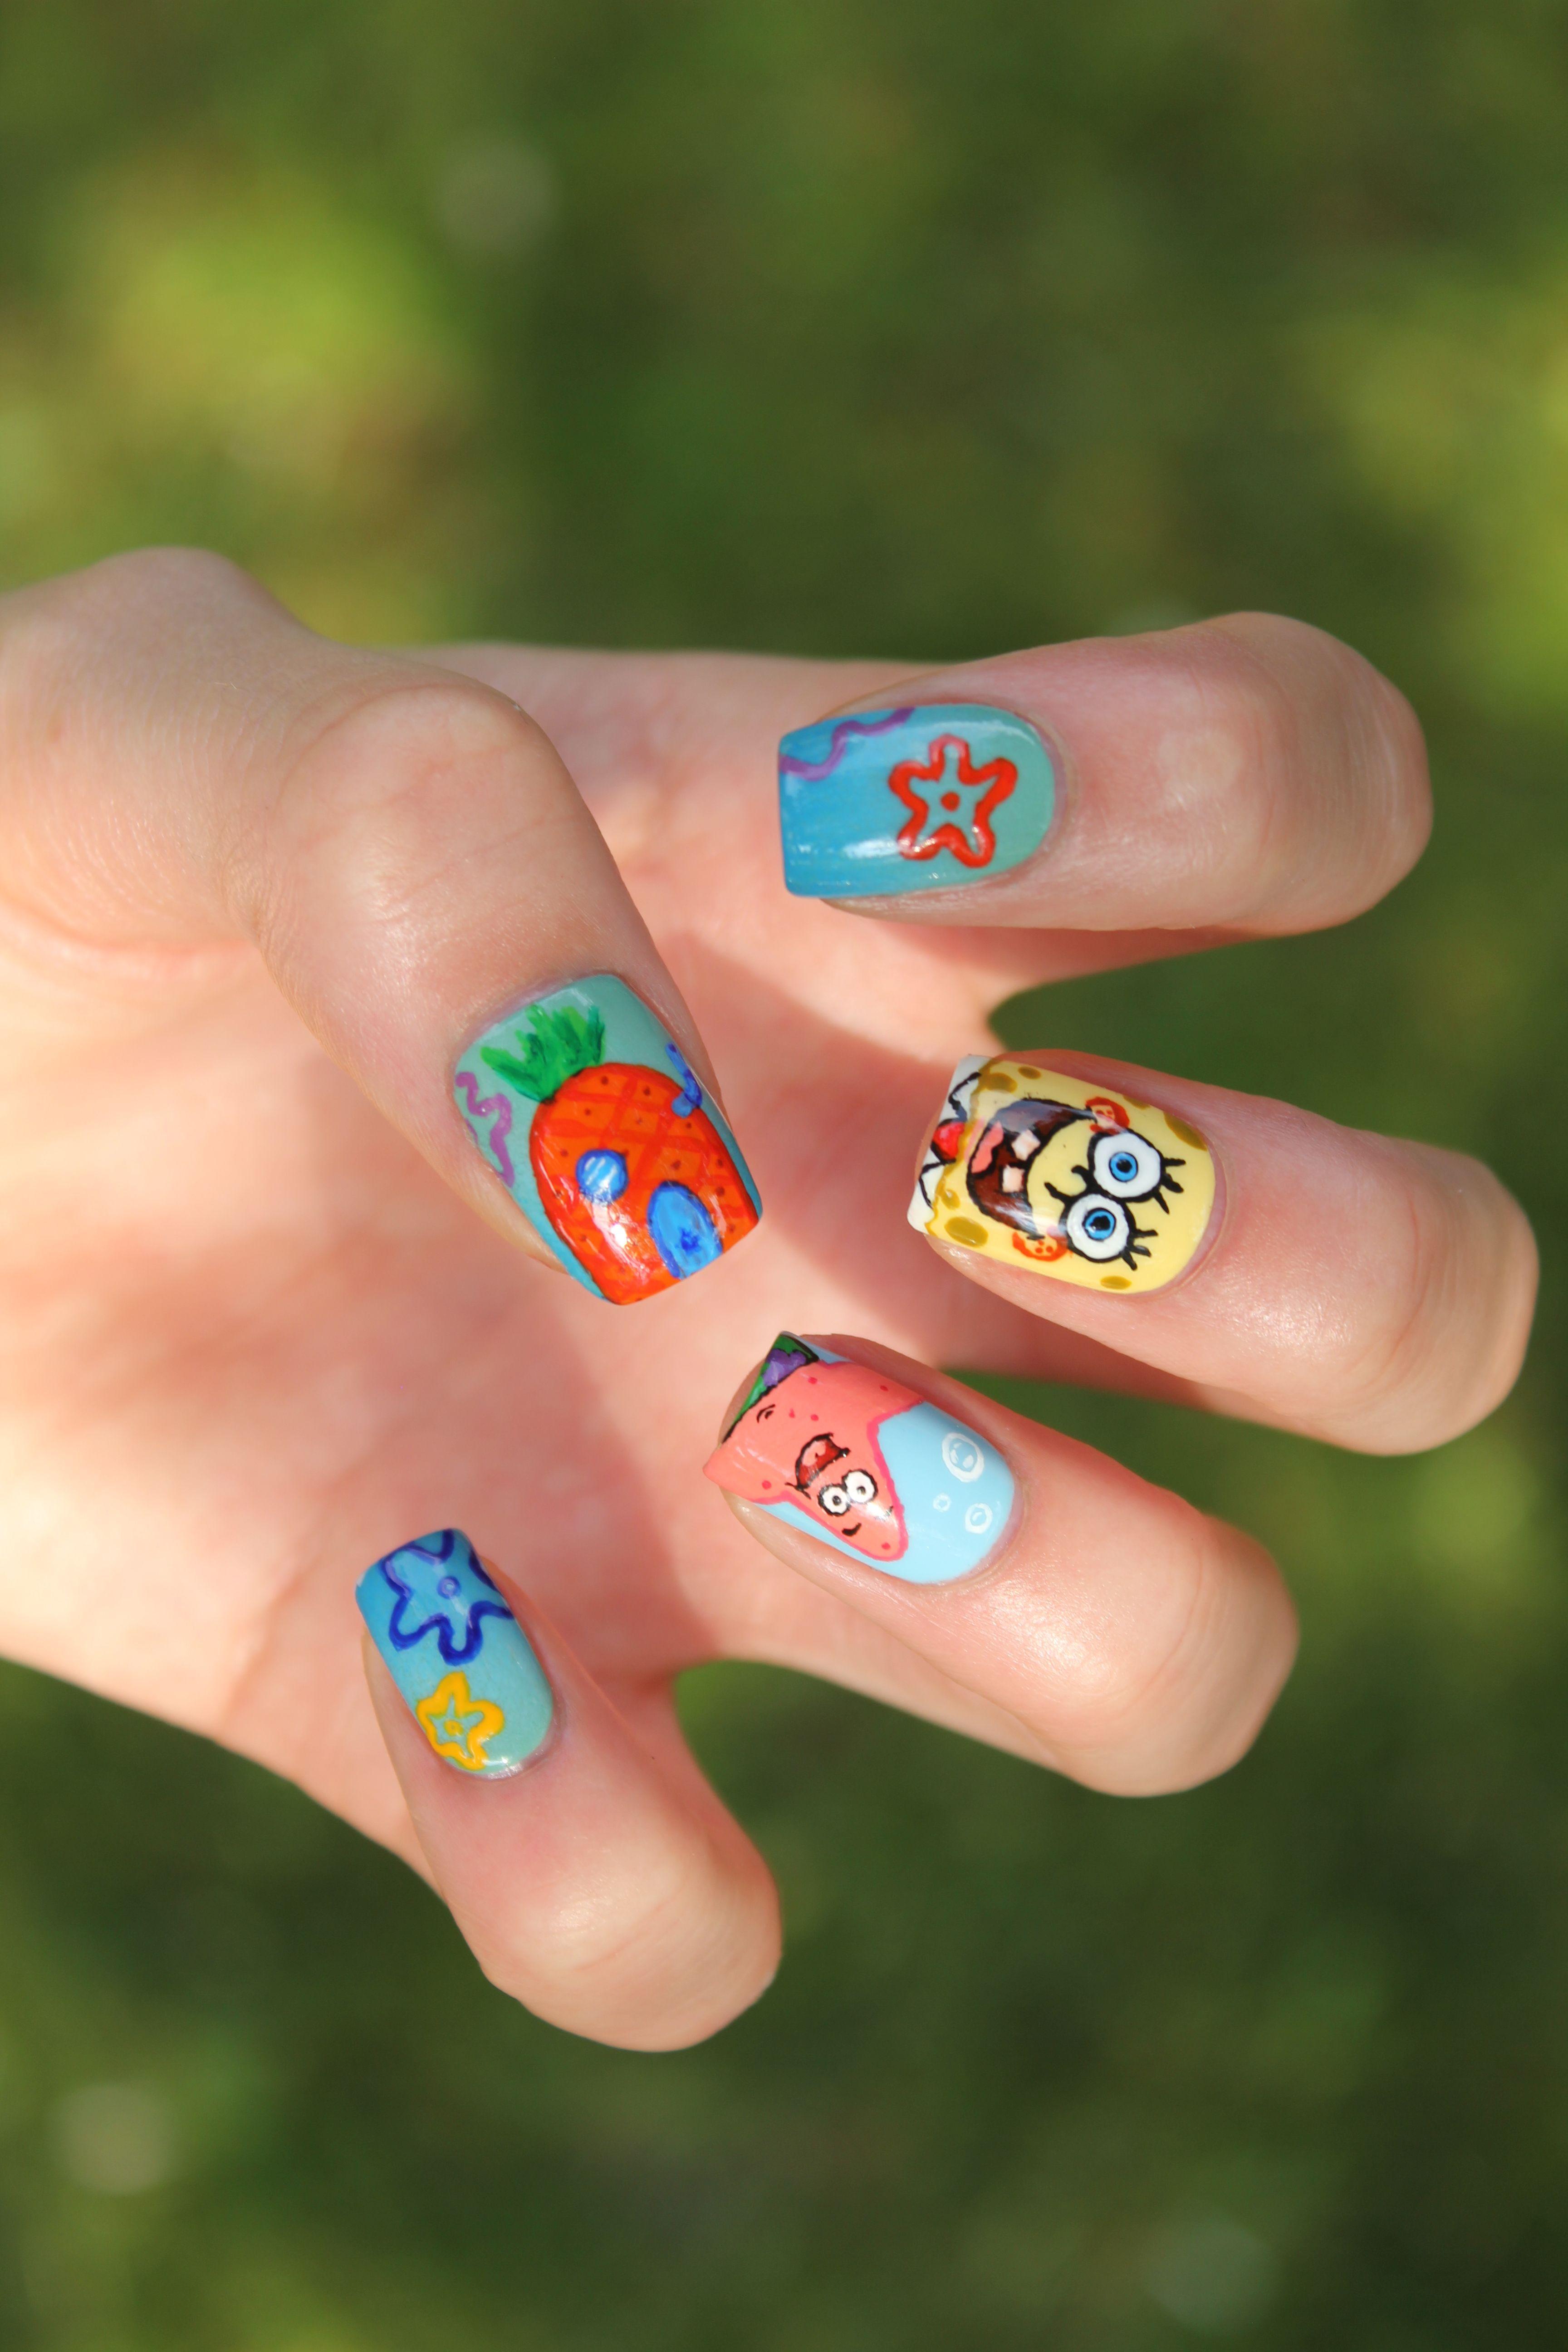 Coewless Nail Polish Blog Spongebob Nails Nail Art Designs Nail Designs